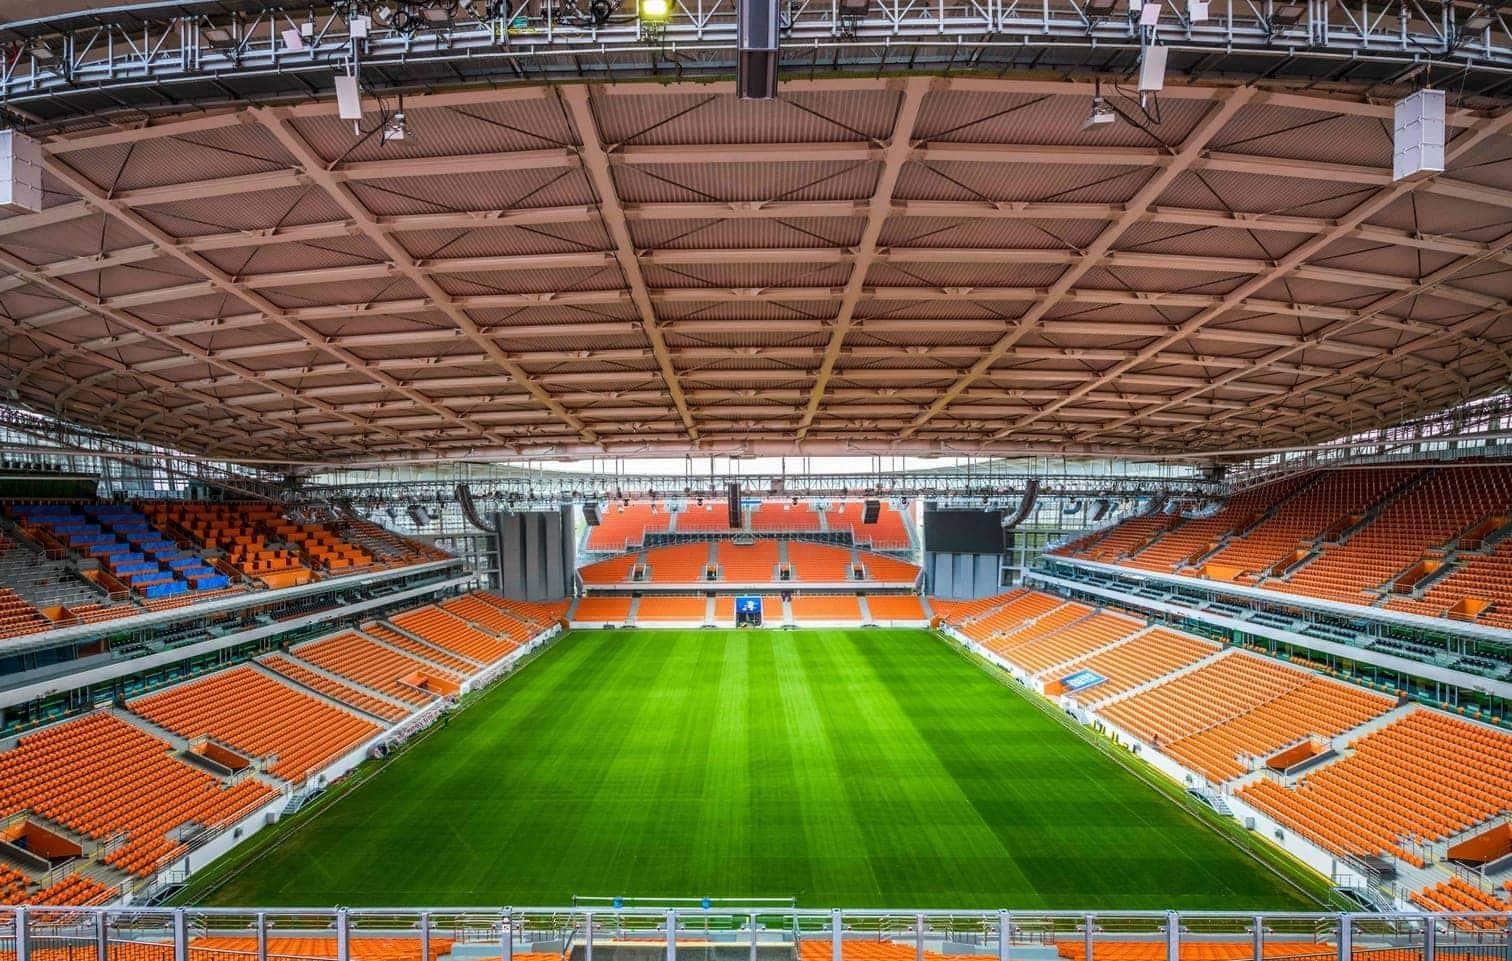 <p>Die Architekten müssen verrückt sein. Oder einfach nur kreativ. Denn das Zentralstadion im russischen Jekaterinburg